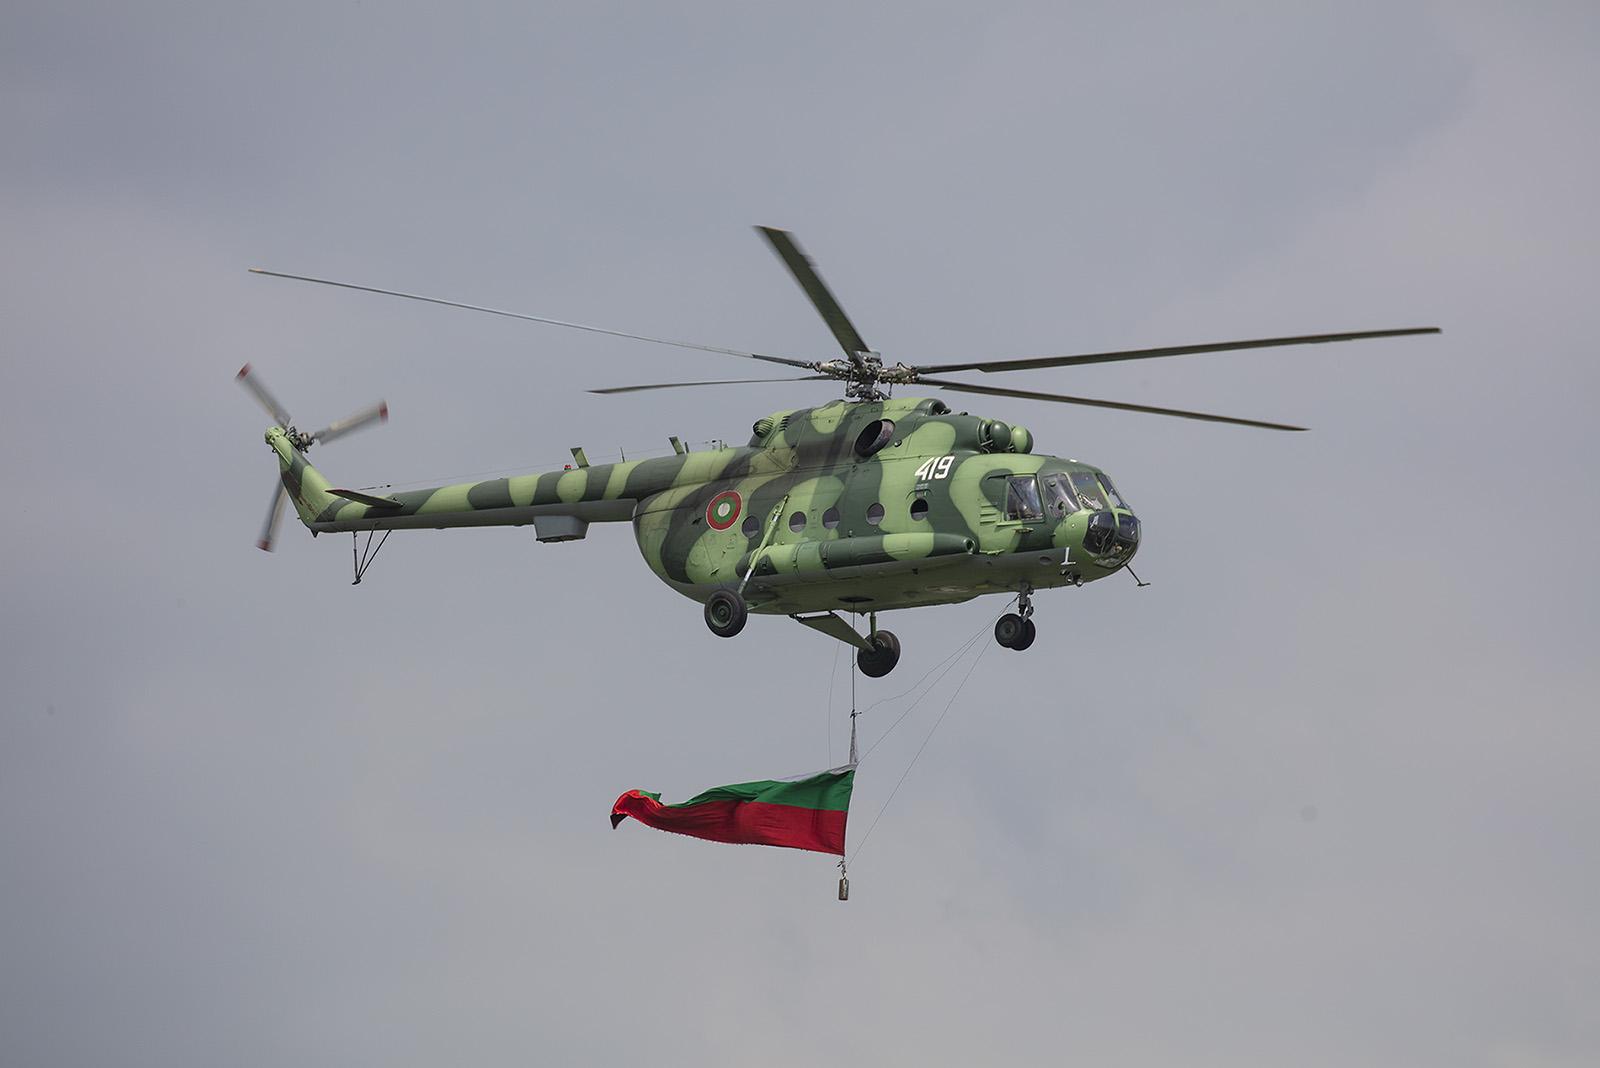 Den Anfang machte diese Mi-17 aus Krumovo.